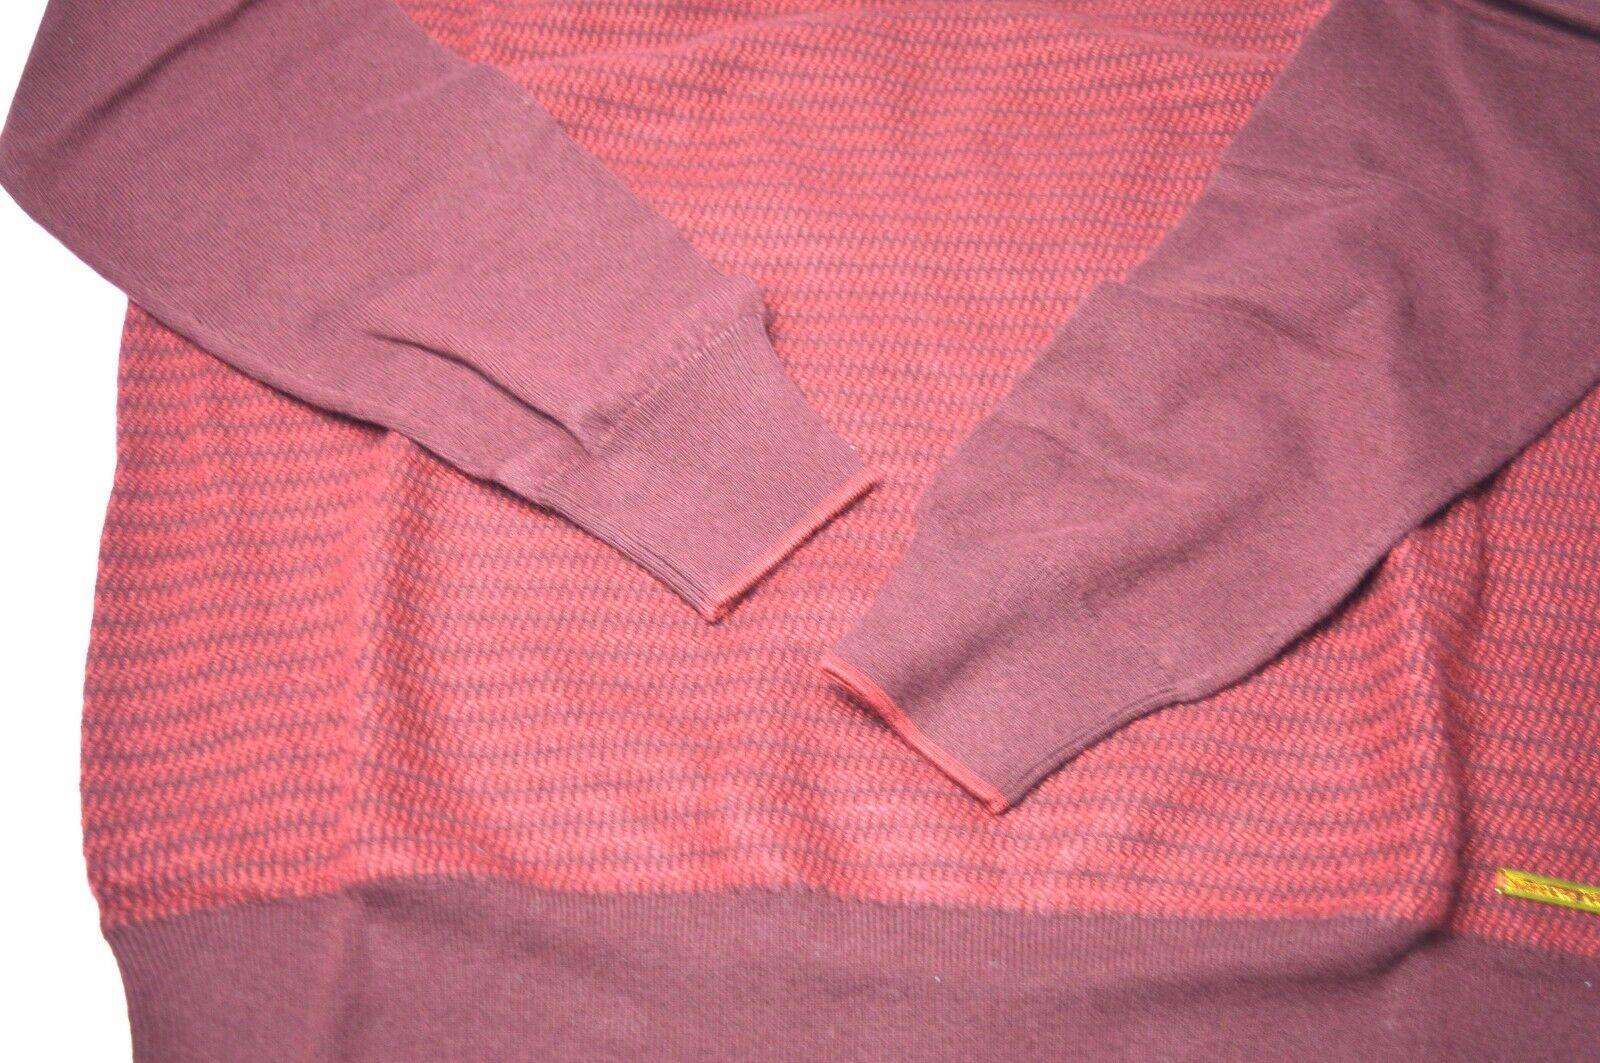 NEW   Sweater  1850,00 STEFANO RICCI Sweater   Cashmere Silk Size M Us  50 Eu (COD 17) 2c7523